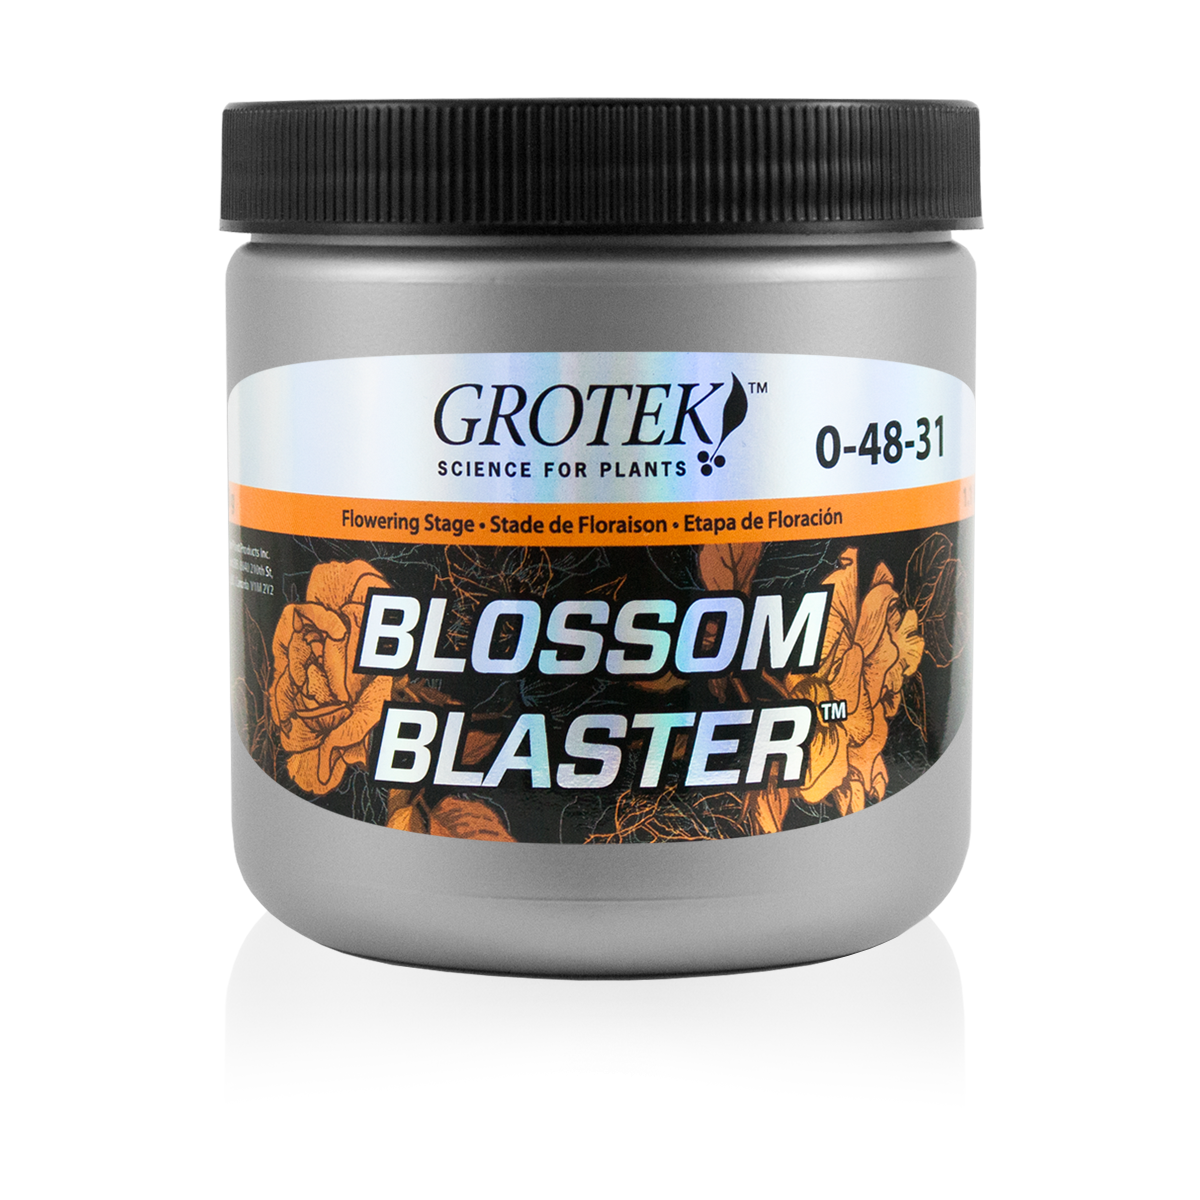 Blossom Blaster - Grotek